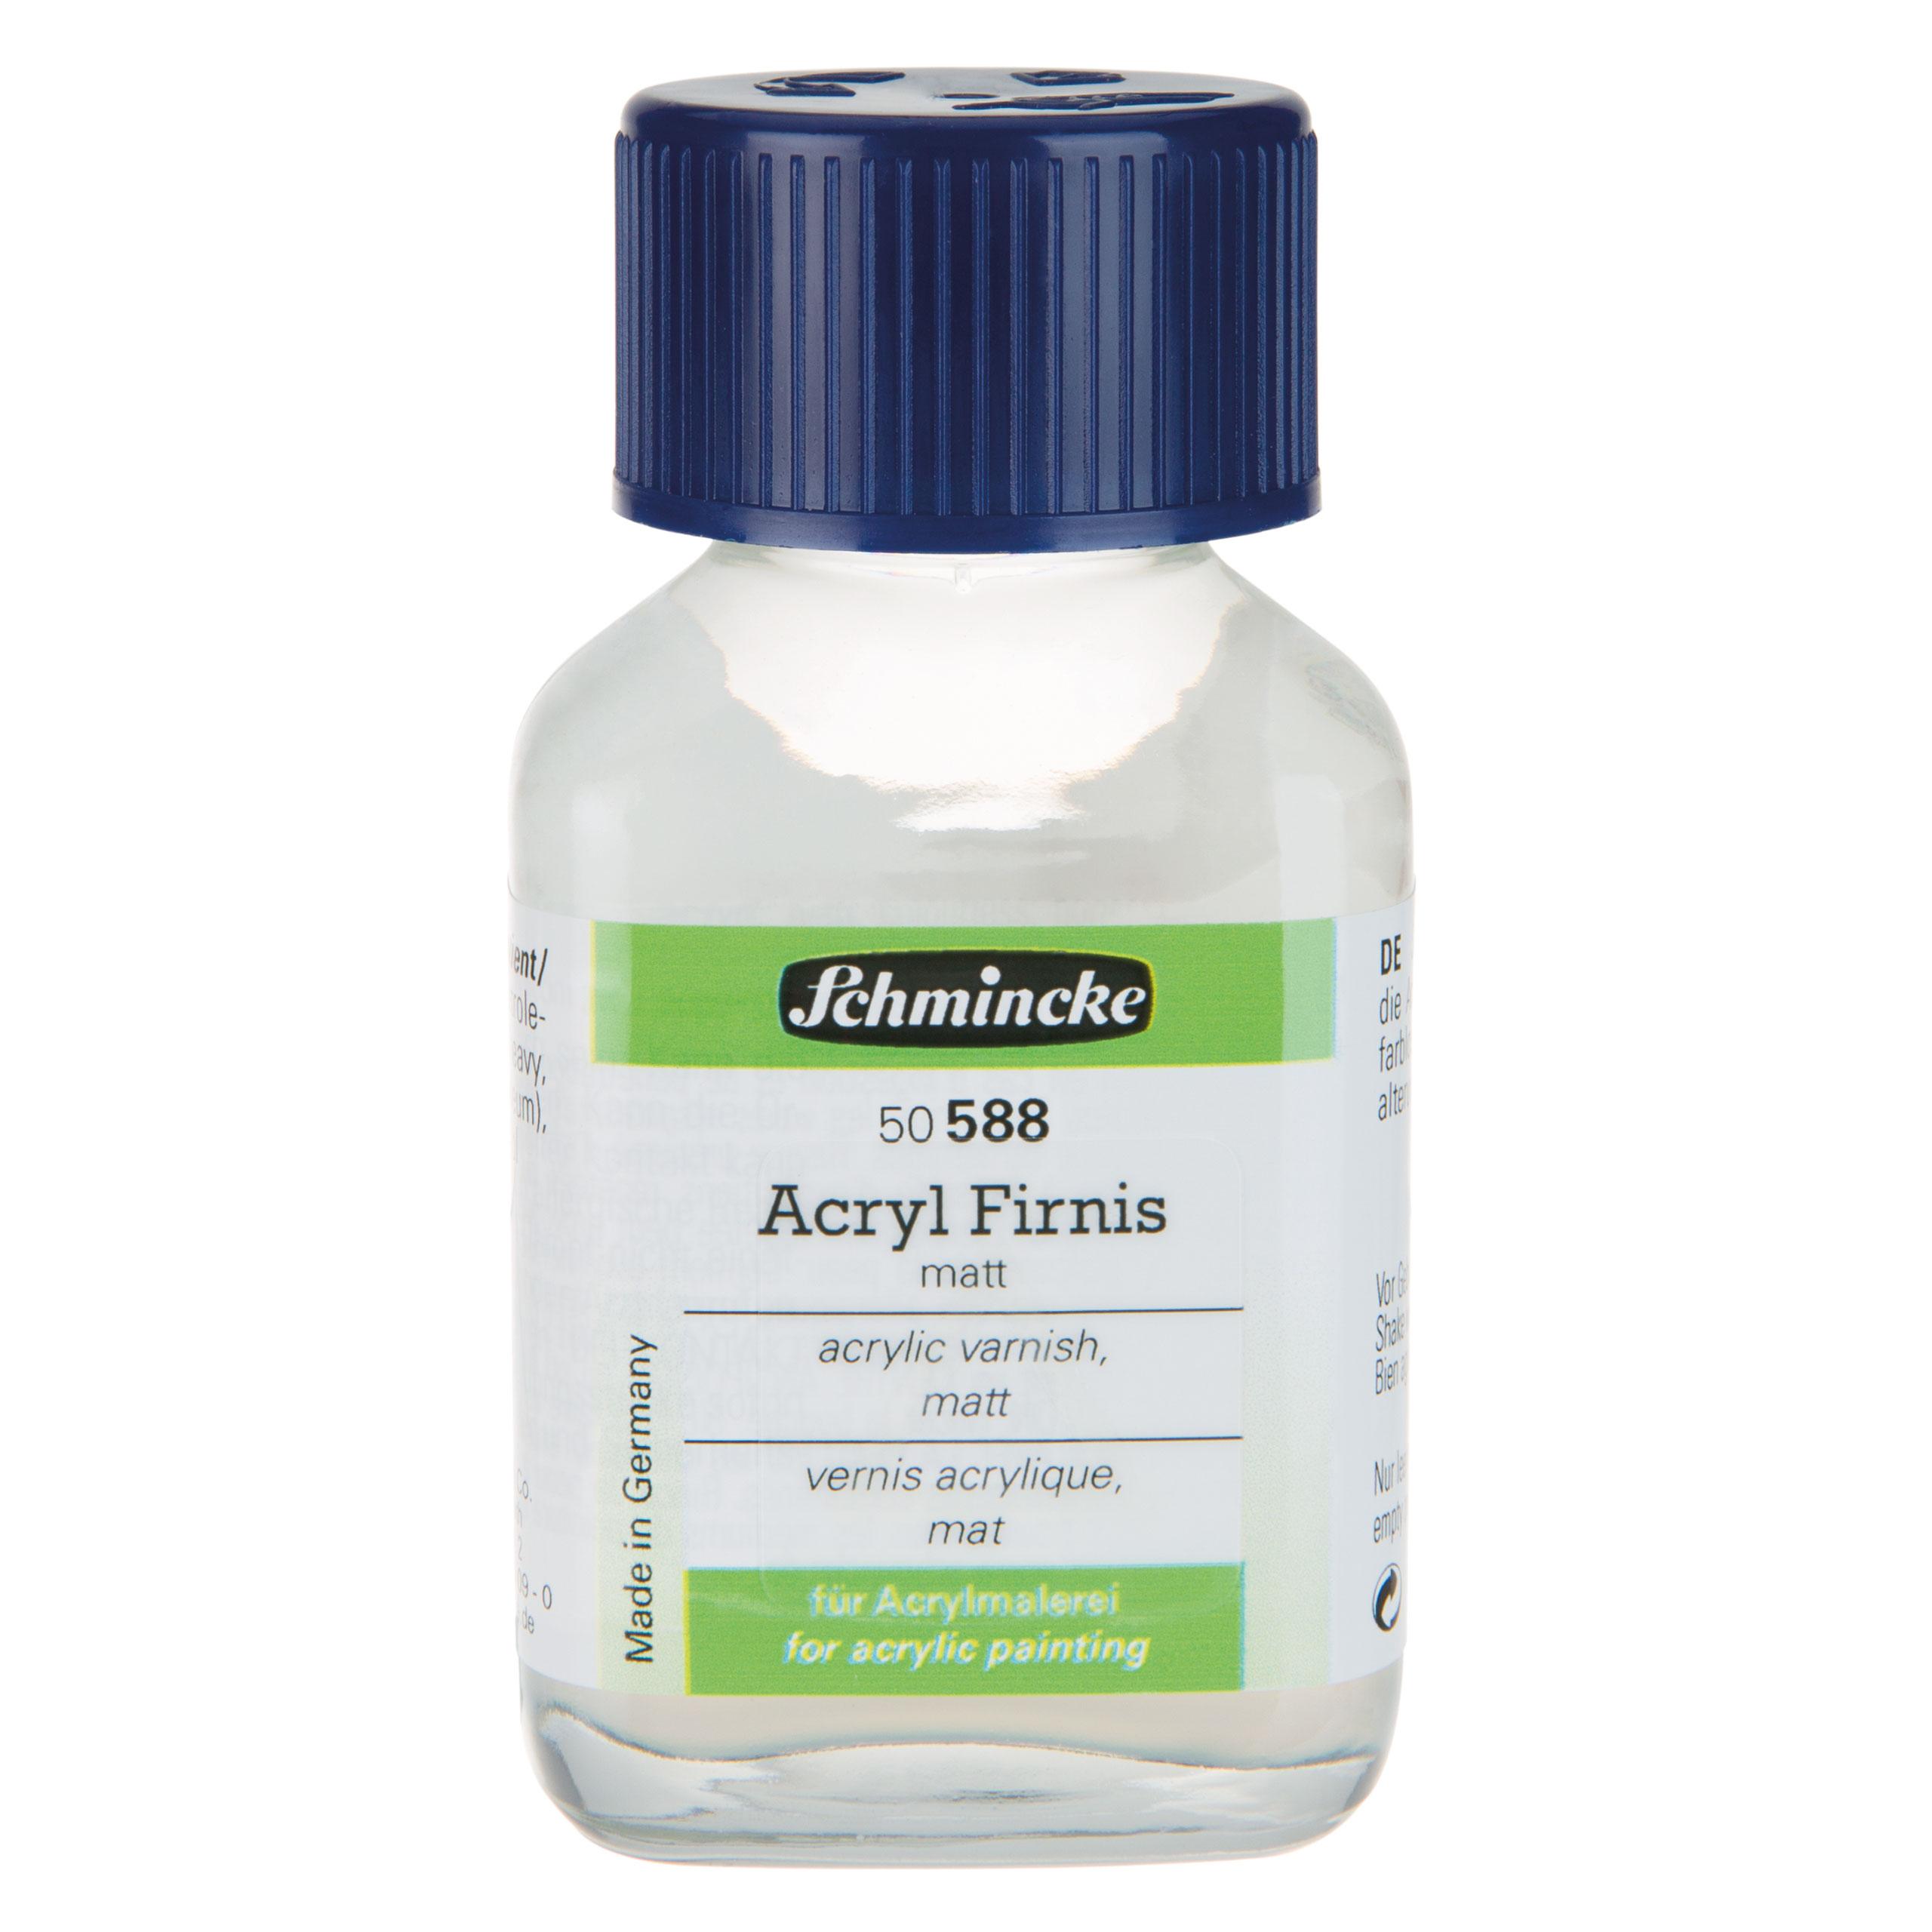 Acryl Firnis, matt - 60ml Acrylbild versiegeln Schmincke 50 588 025